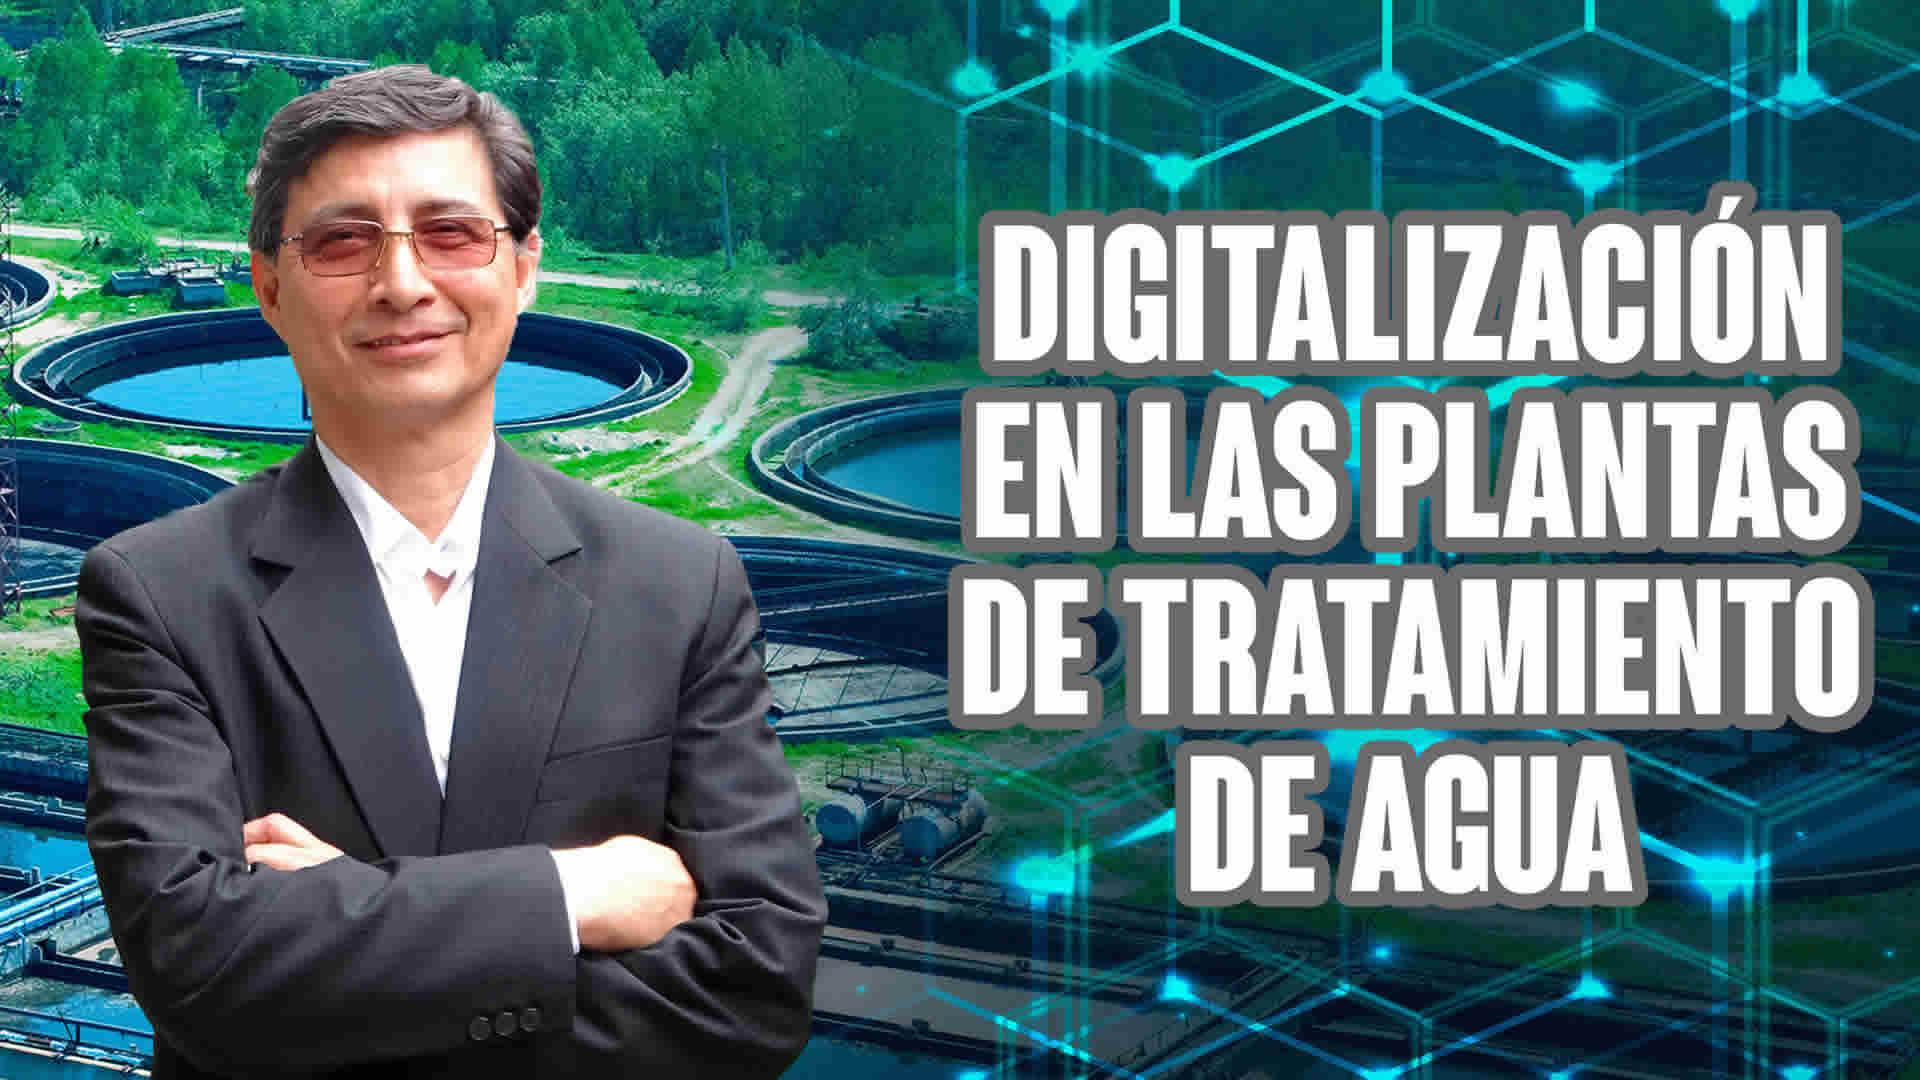 Digitalización en las plantas de tratamiento de agua